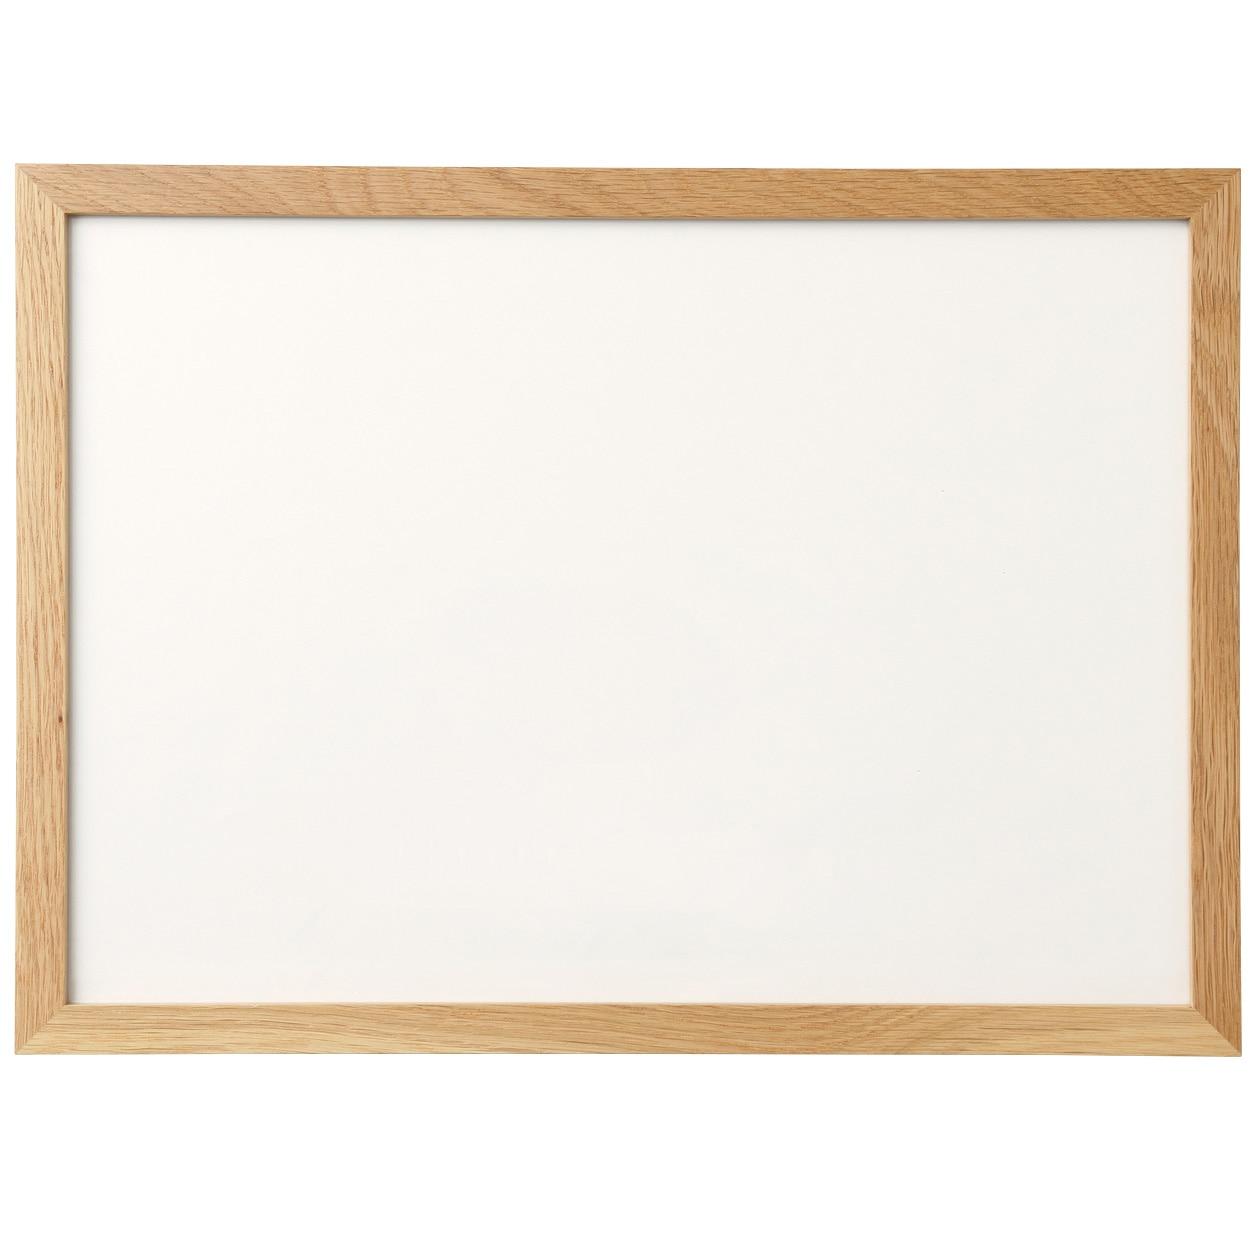 壁に付けられるフレーム・A3サイズ用・オーク材の写真